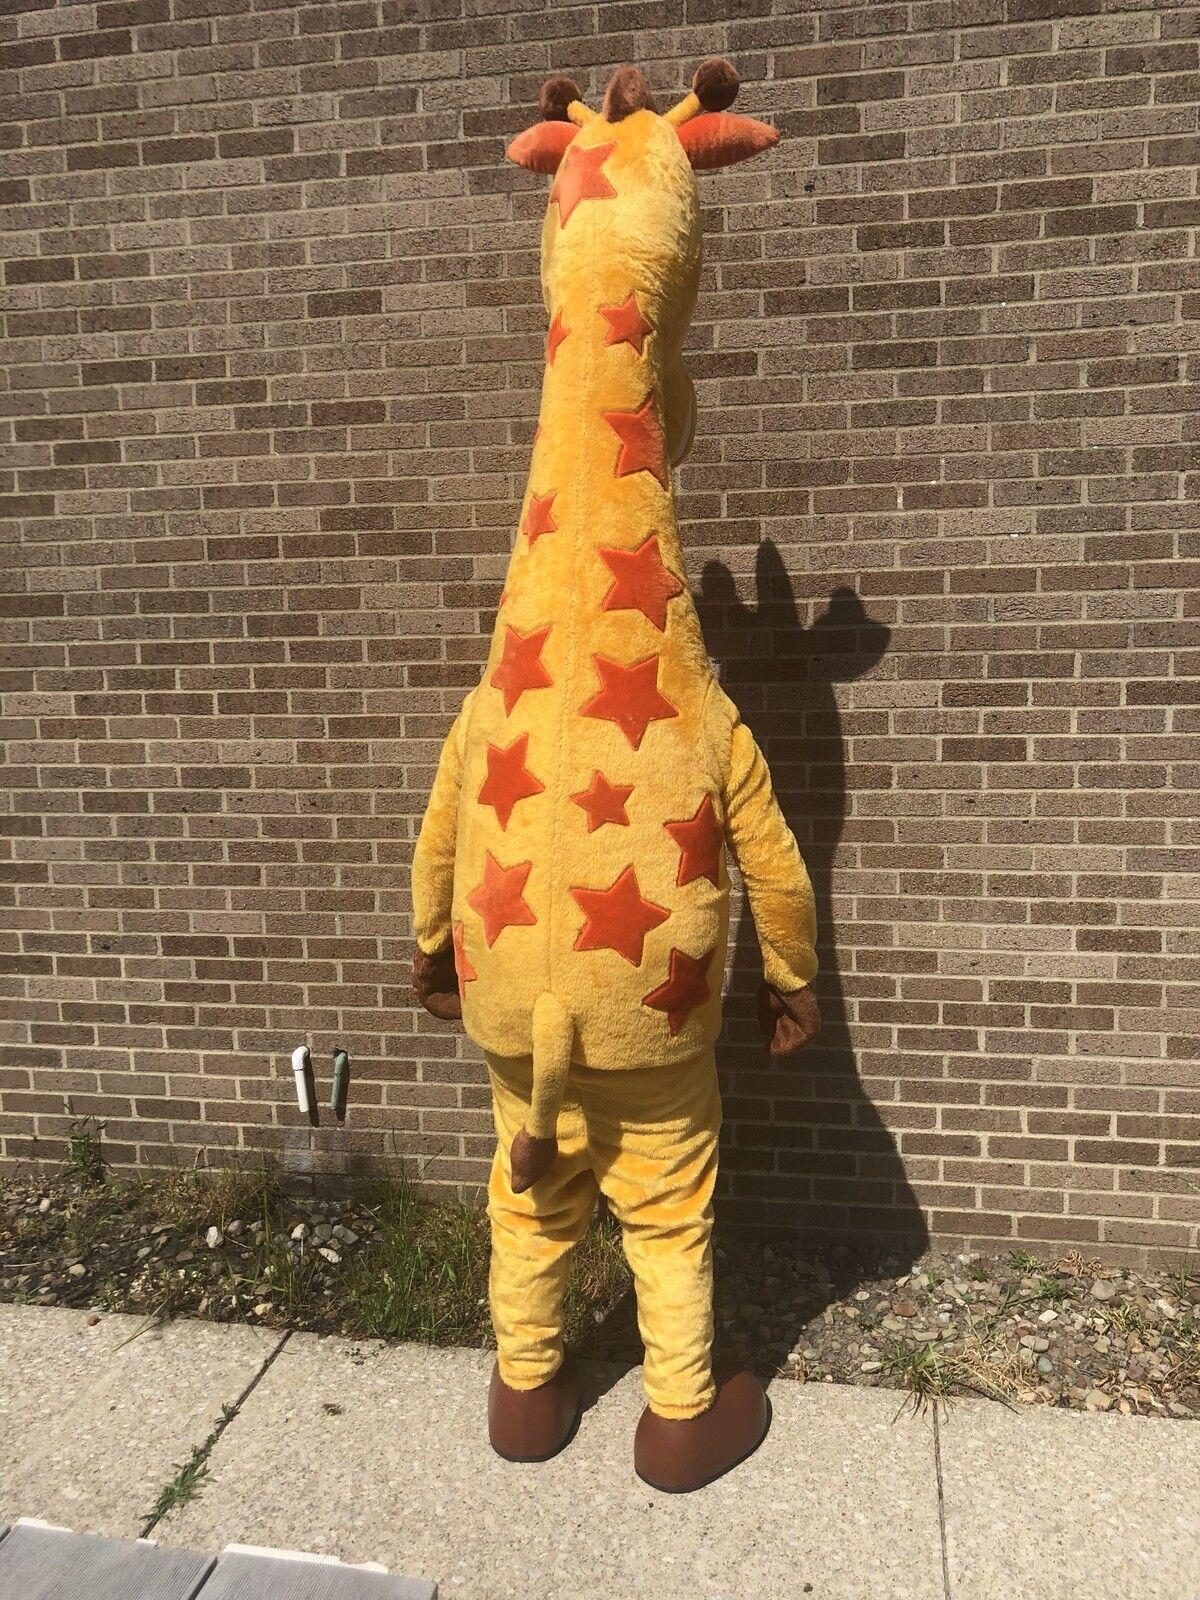 Toys-R-Us Toys-R-Us Toys-R-Us Adult Geoffrey Giraffe Costume e801eb